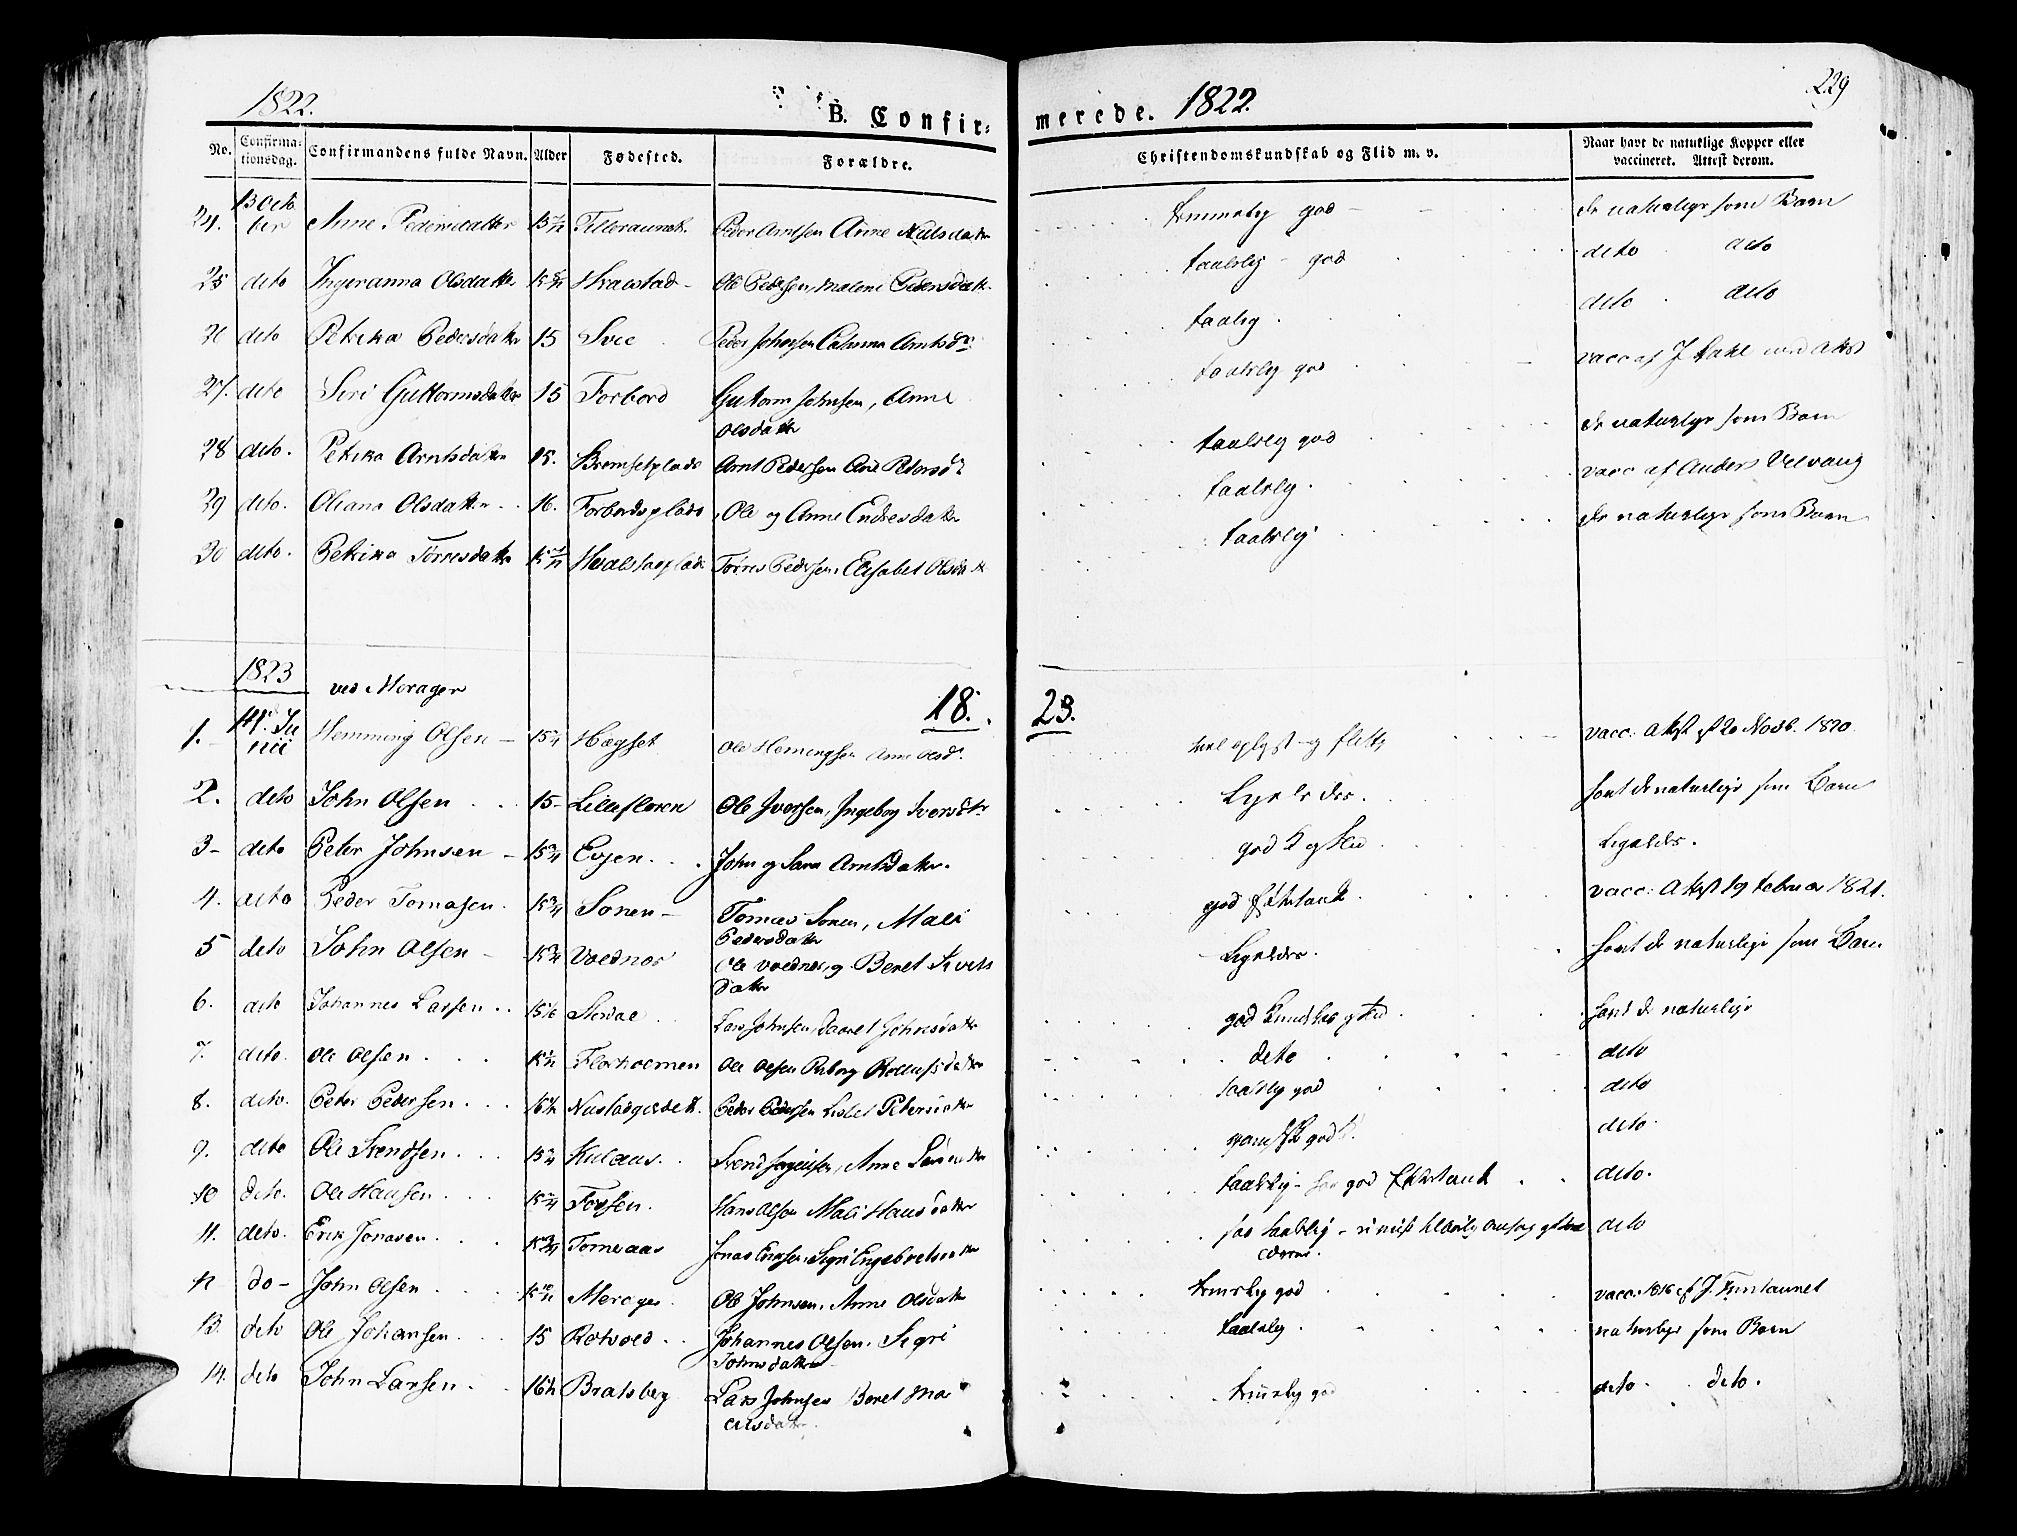 SAT, Ministerialprotokoller, klokkerbøker og fødselsregistre - Nord-Trøndelag, 709/L0070: Ministerialbok nr. 709A10, 1820-1832, s. 229